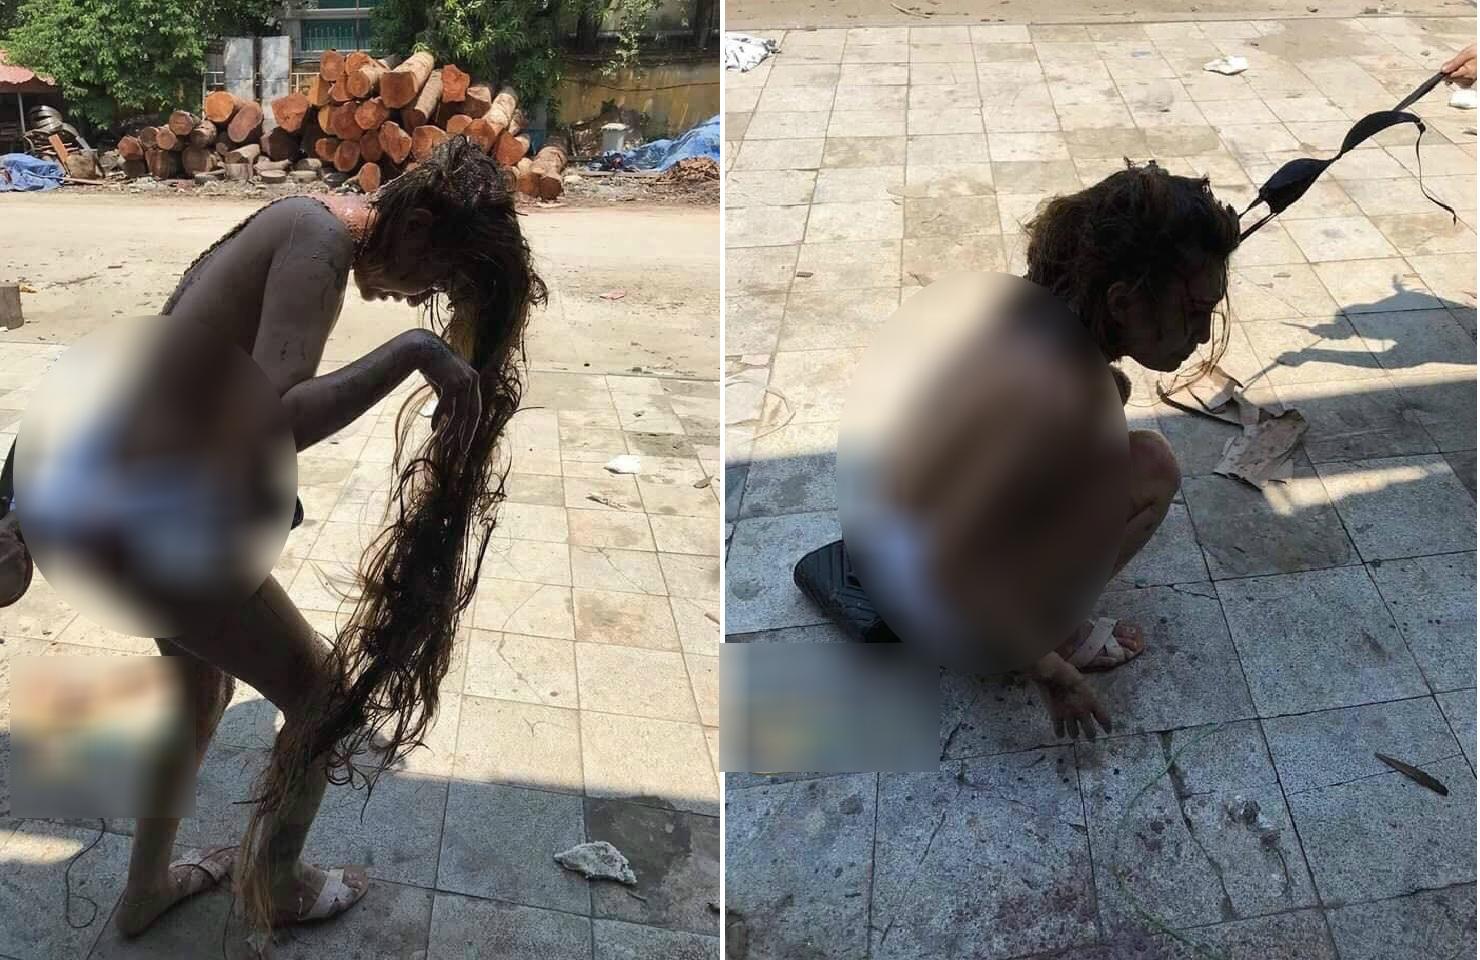 Cô gái bị đánh ghen, lột áo, đổ mắm tôm lên người?